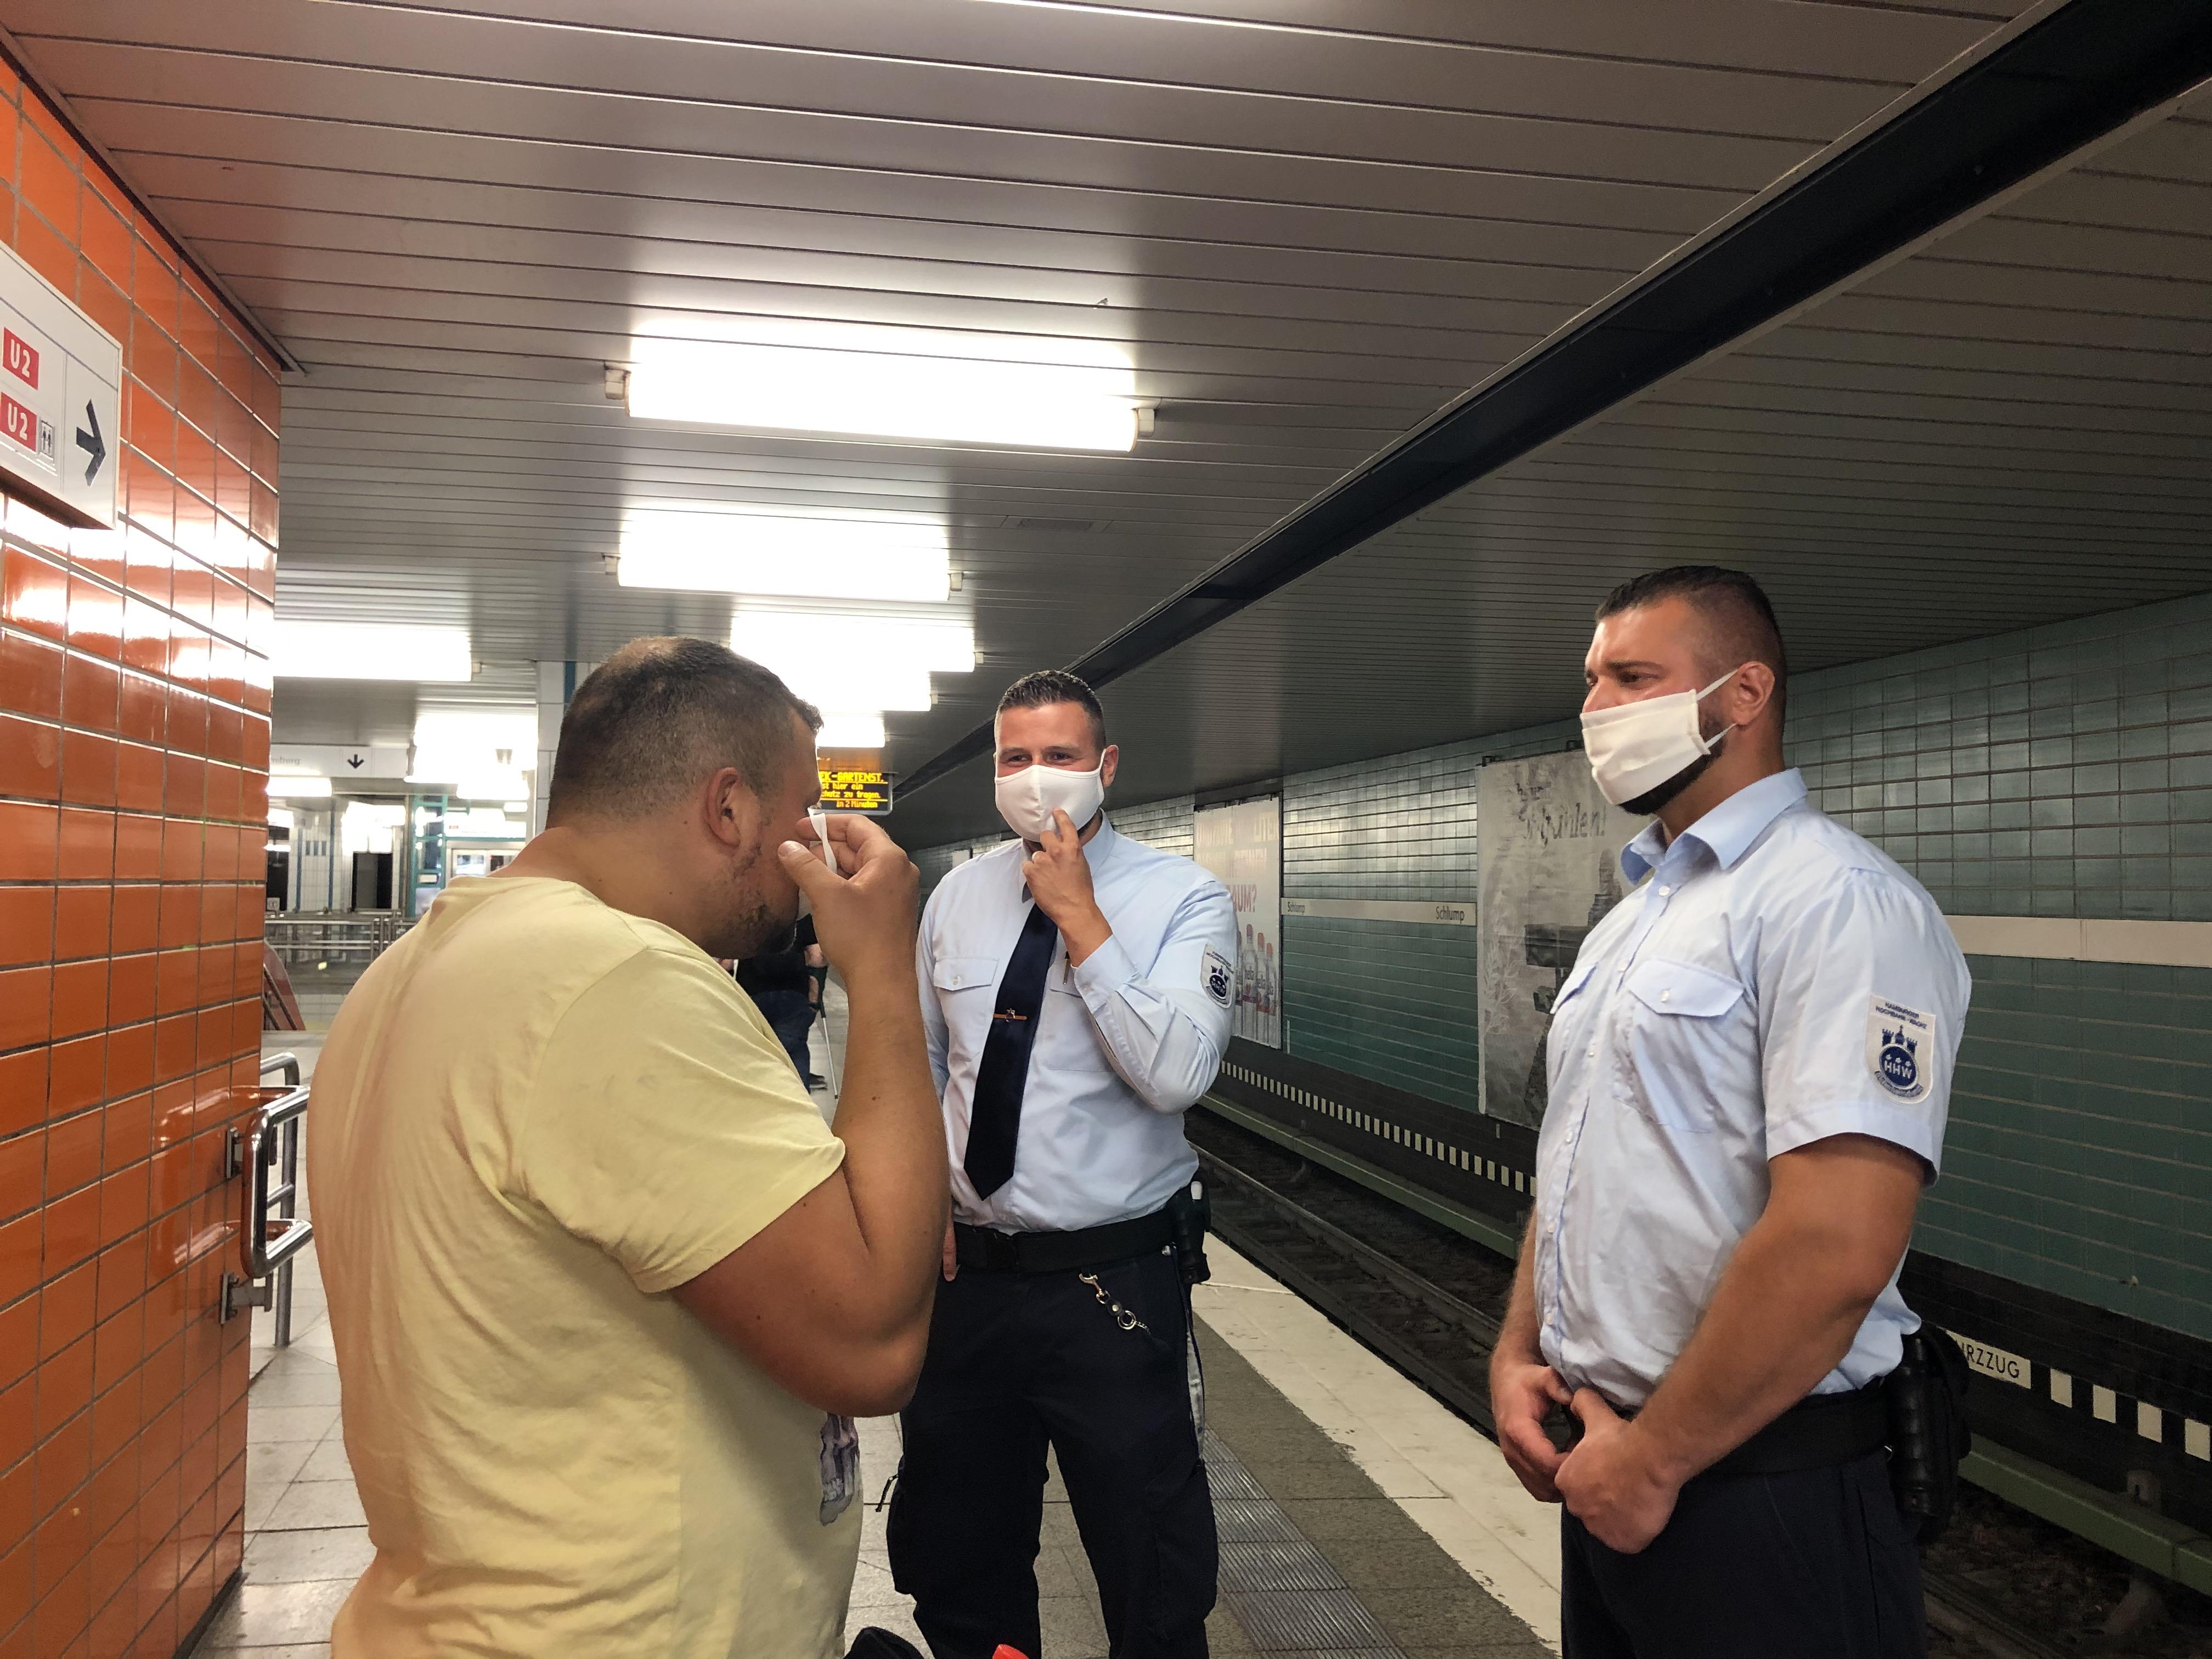 Wieso greift die HOCHBAHN-Wache zur Einhaltung der Maskenpflicht nicht stärker durch?